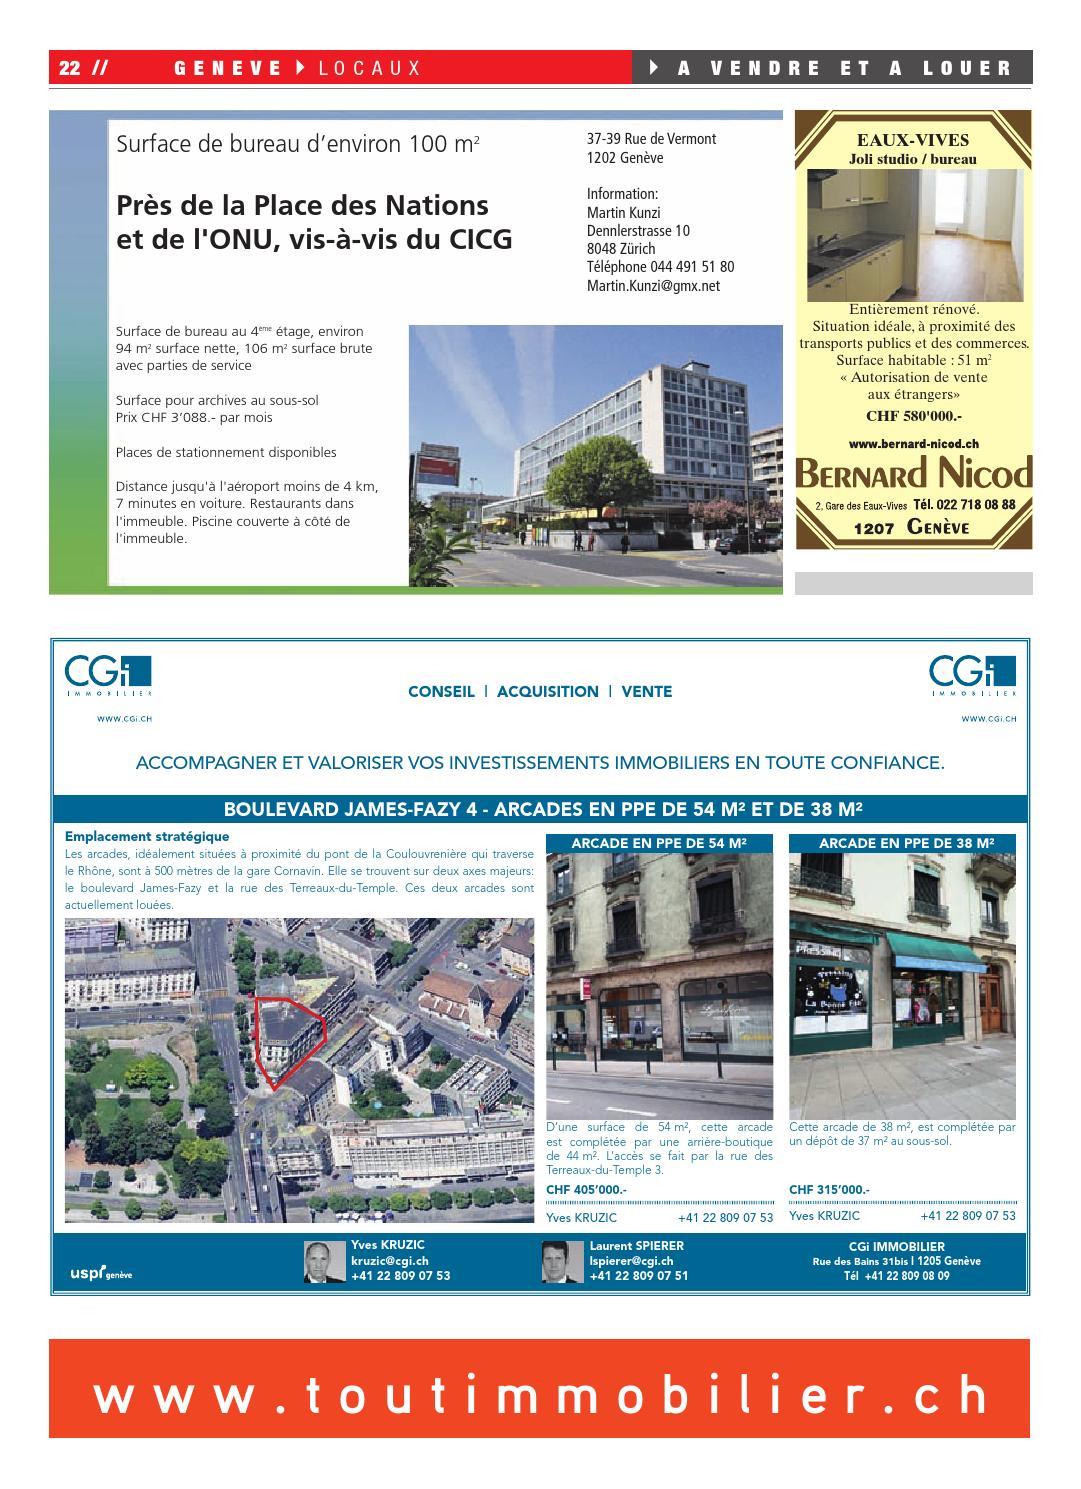 9469441eae30d3 Tout l immobilier Tout l emploi et formation du 20.04.15 by Tout  l immobilier Tout l emploi - issuu